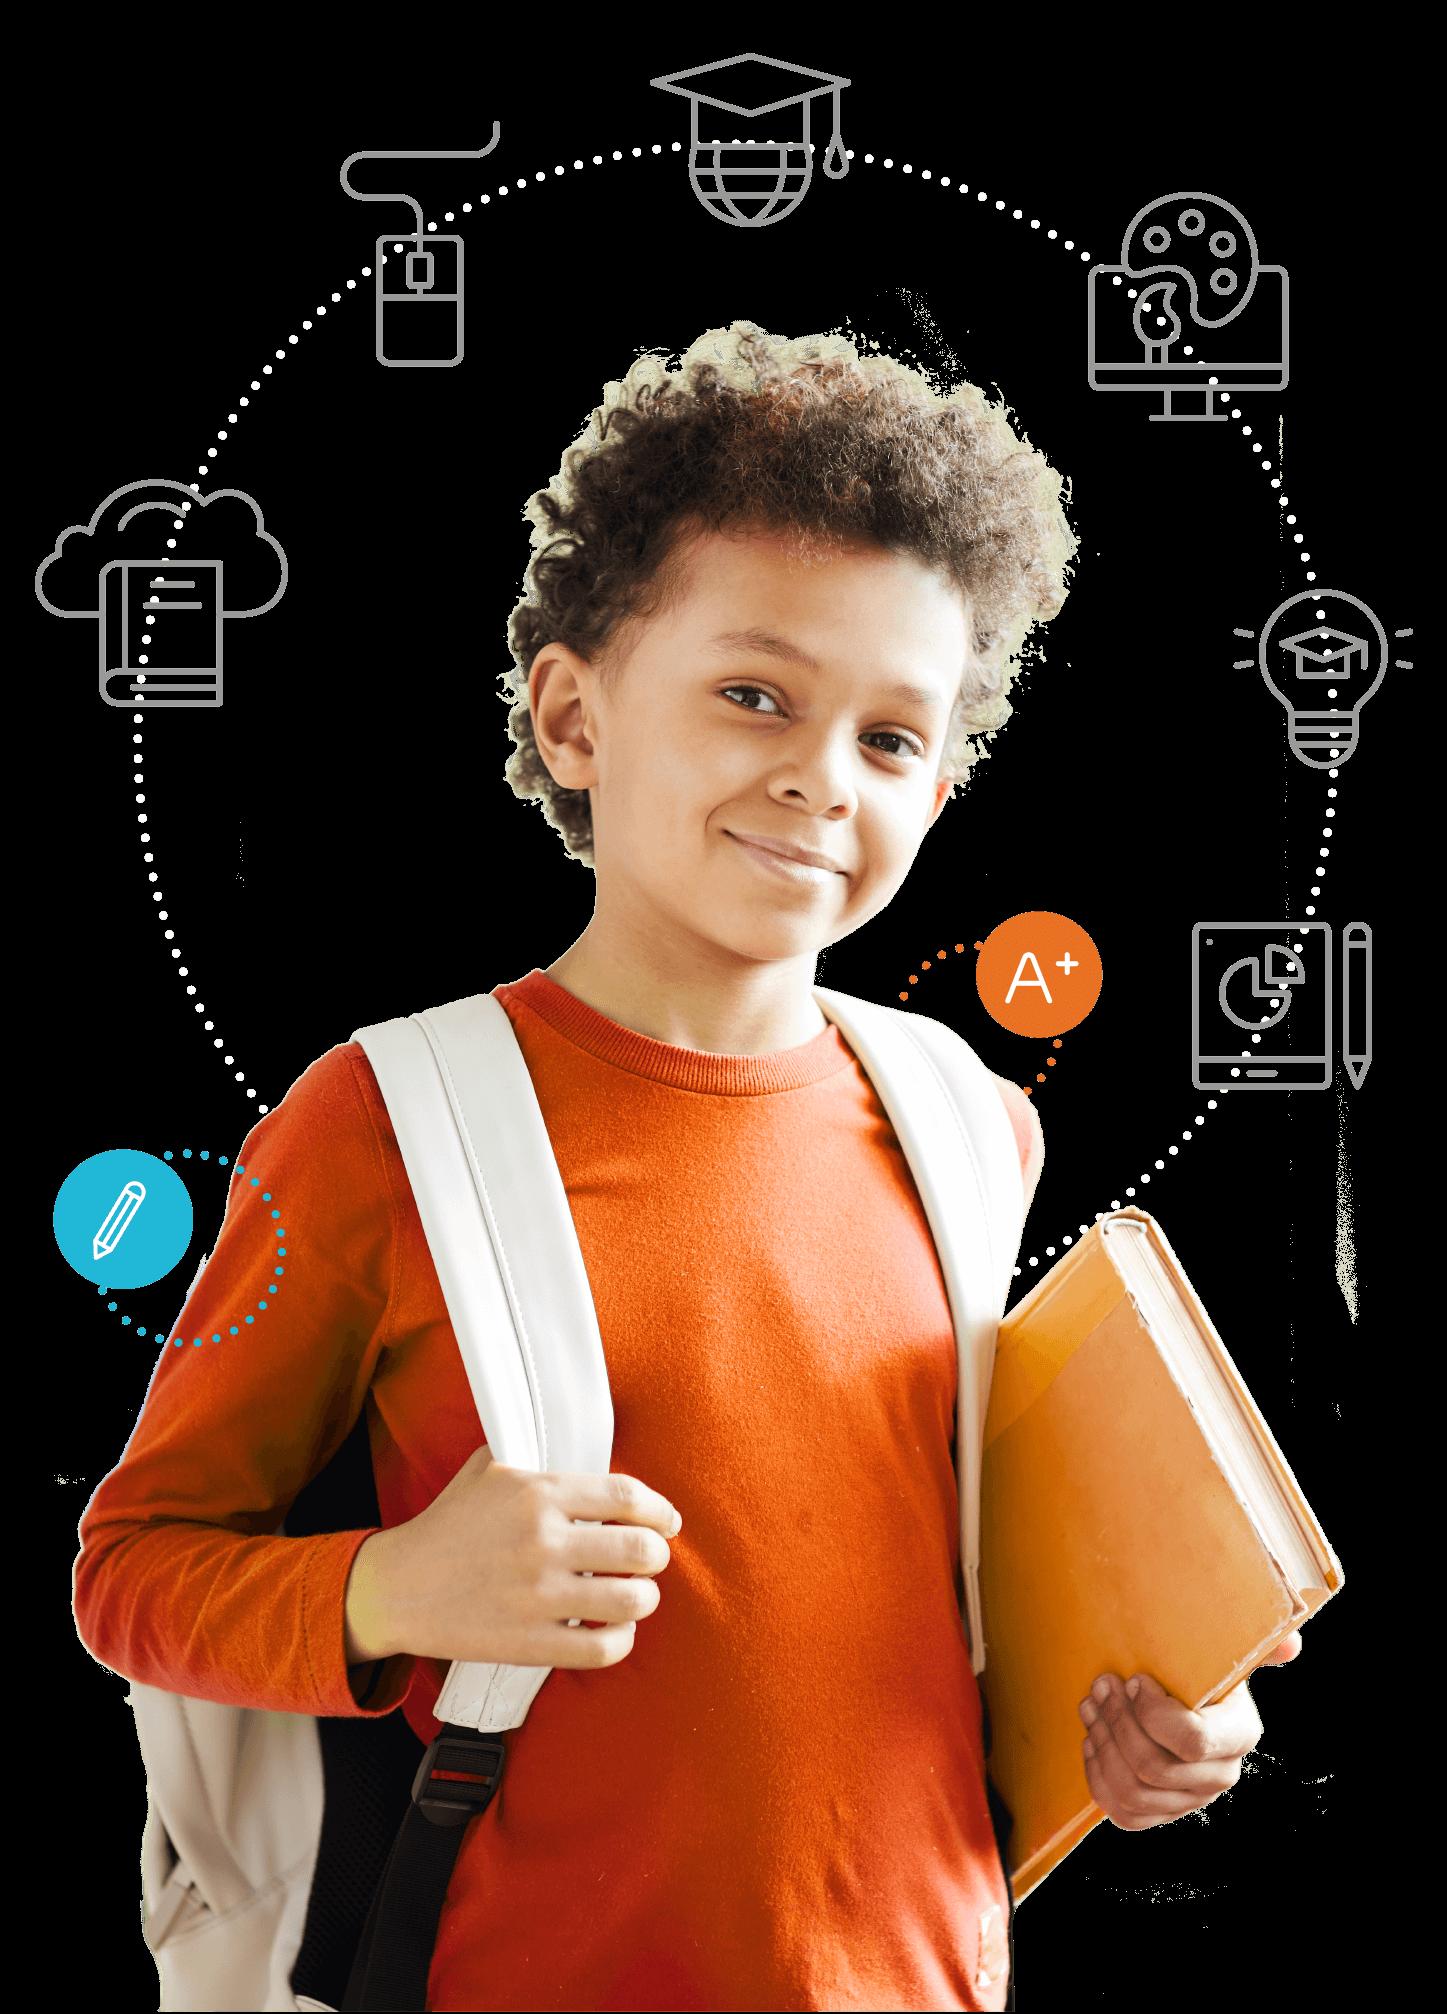 SOS-Prof - Jeune enfant avec livre et sac à dos avec icônes des avantages de trouver un tuteur